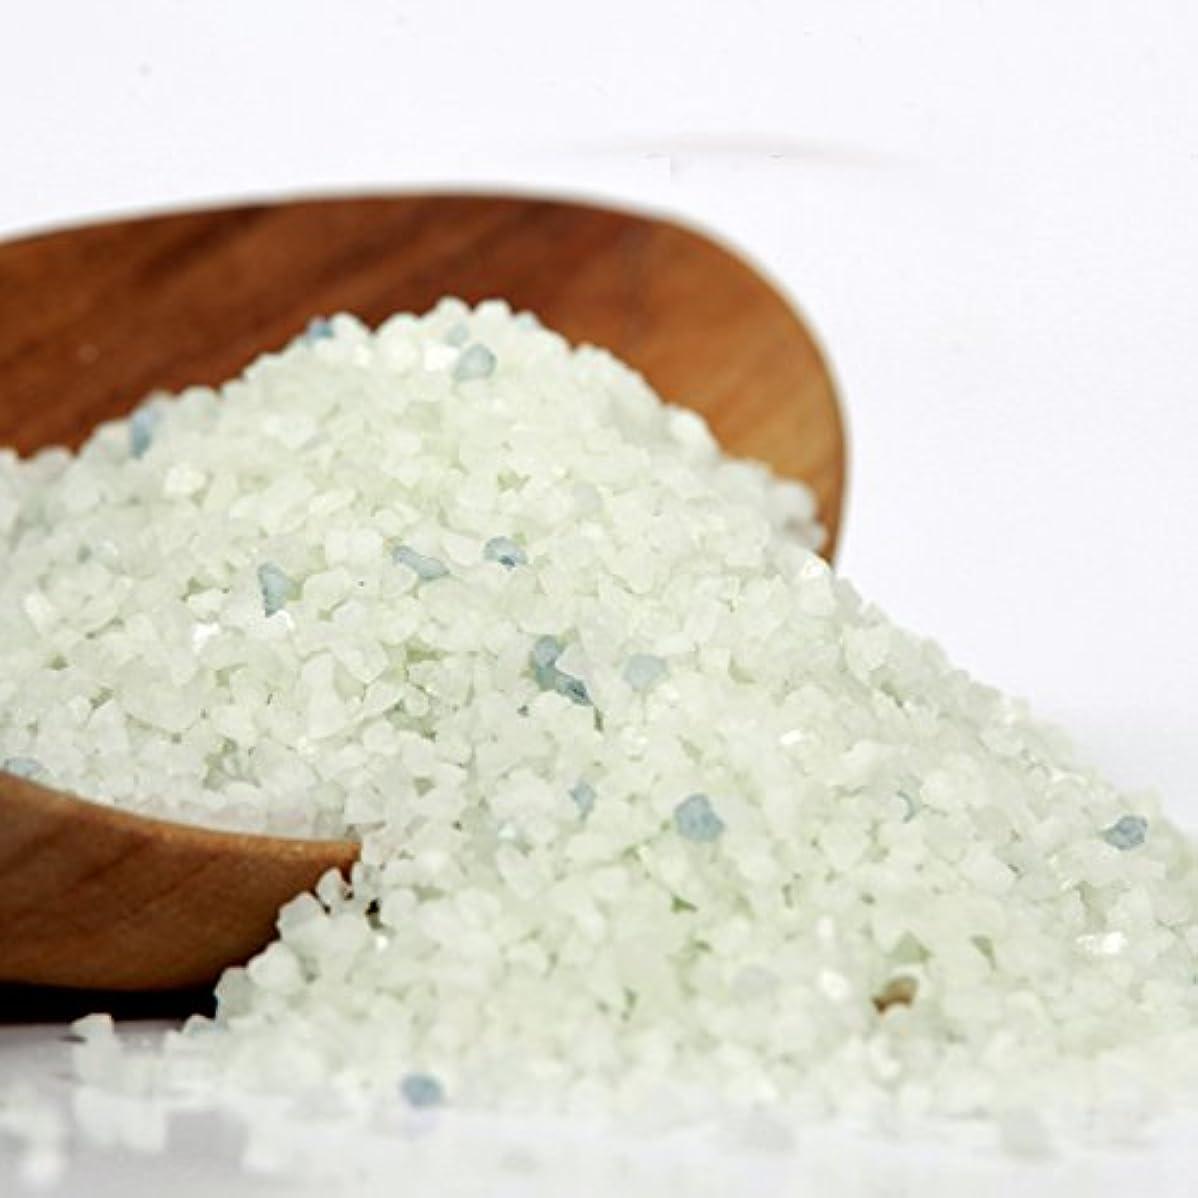 膿瘍ロイヤリティ苦情文句Bath Salt - Rosemary - 10Kg